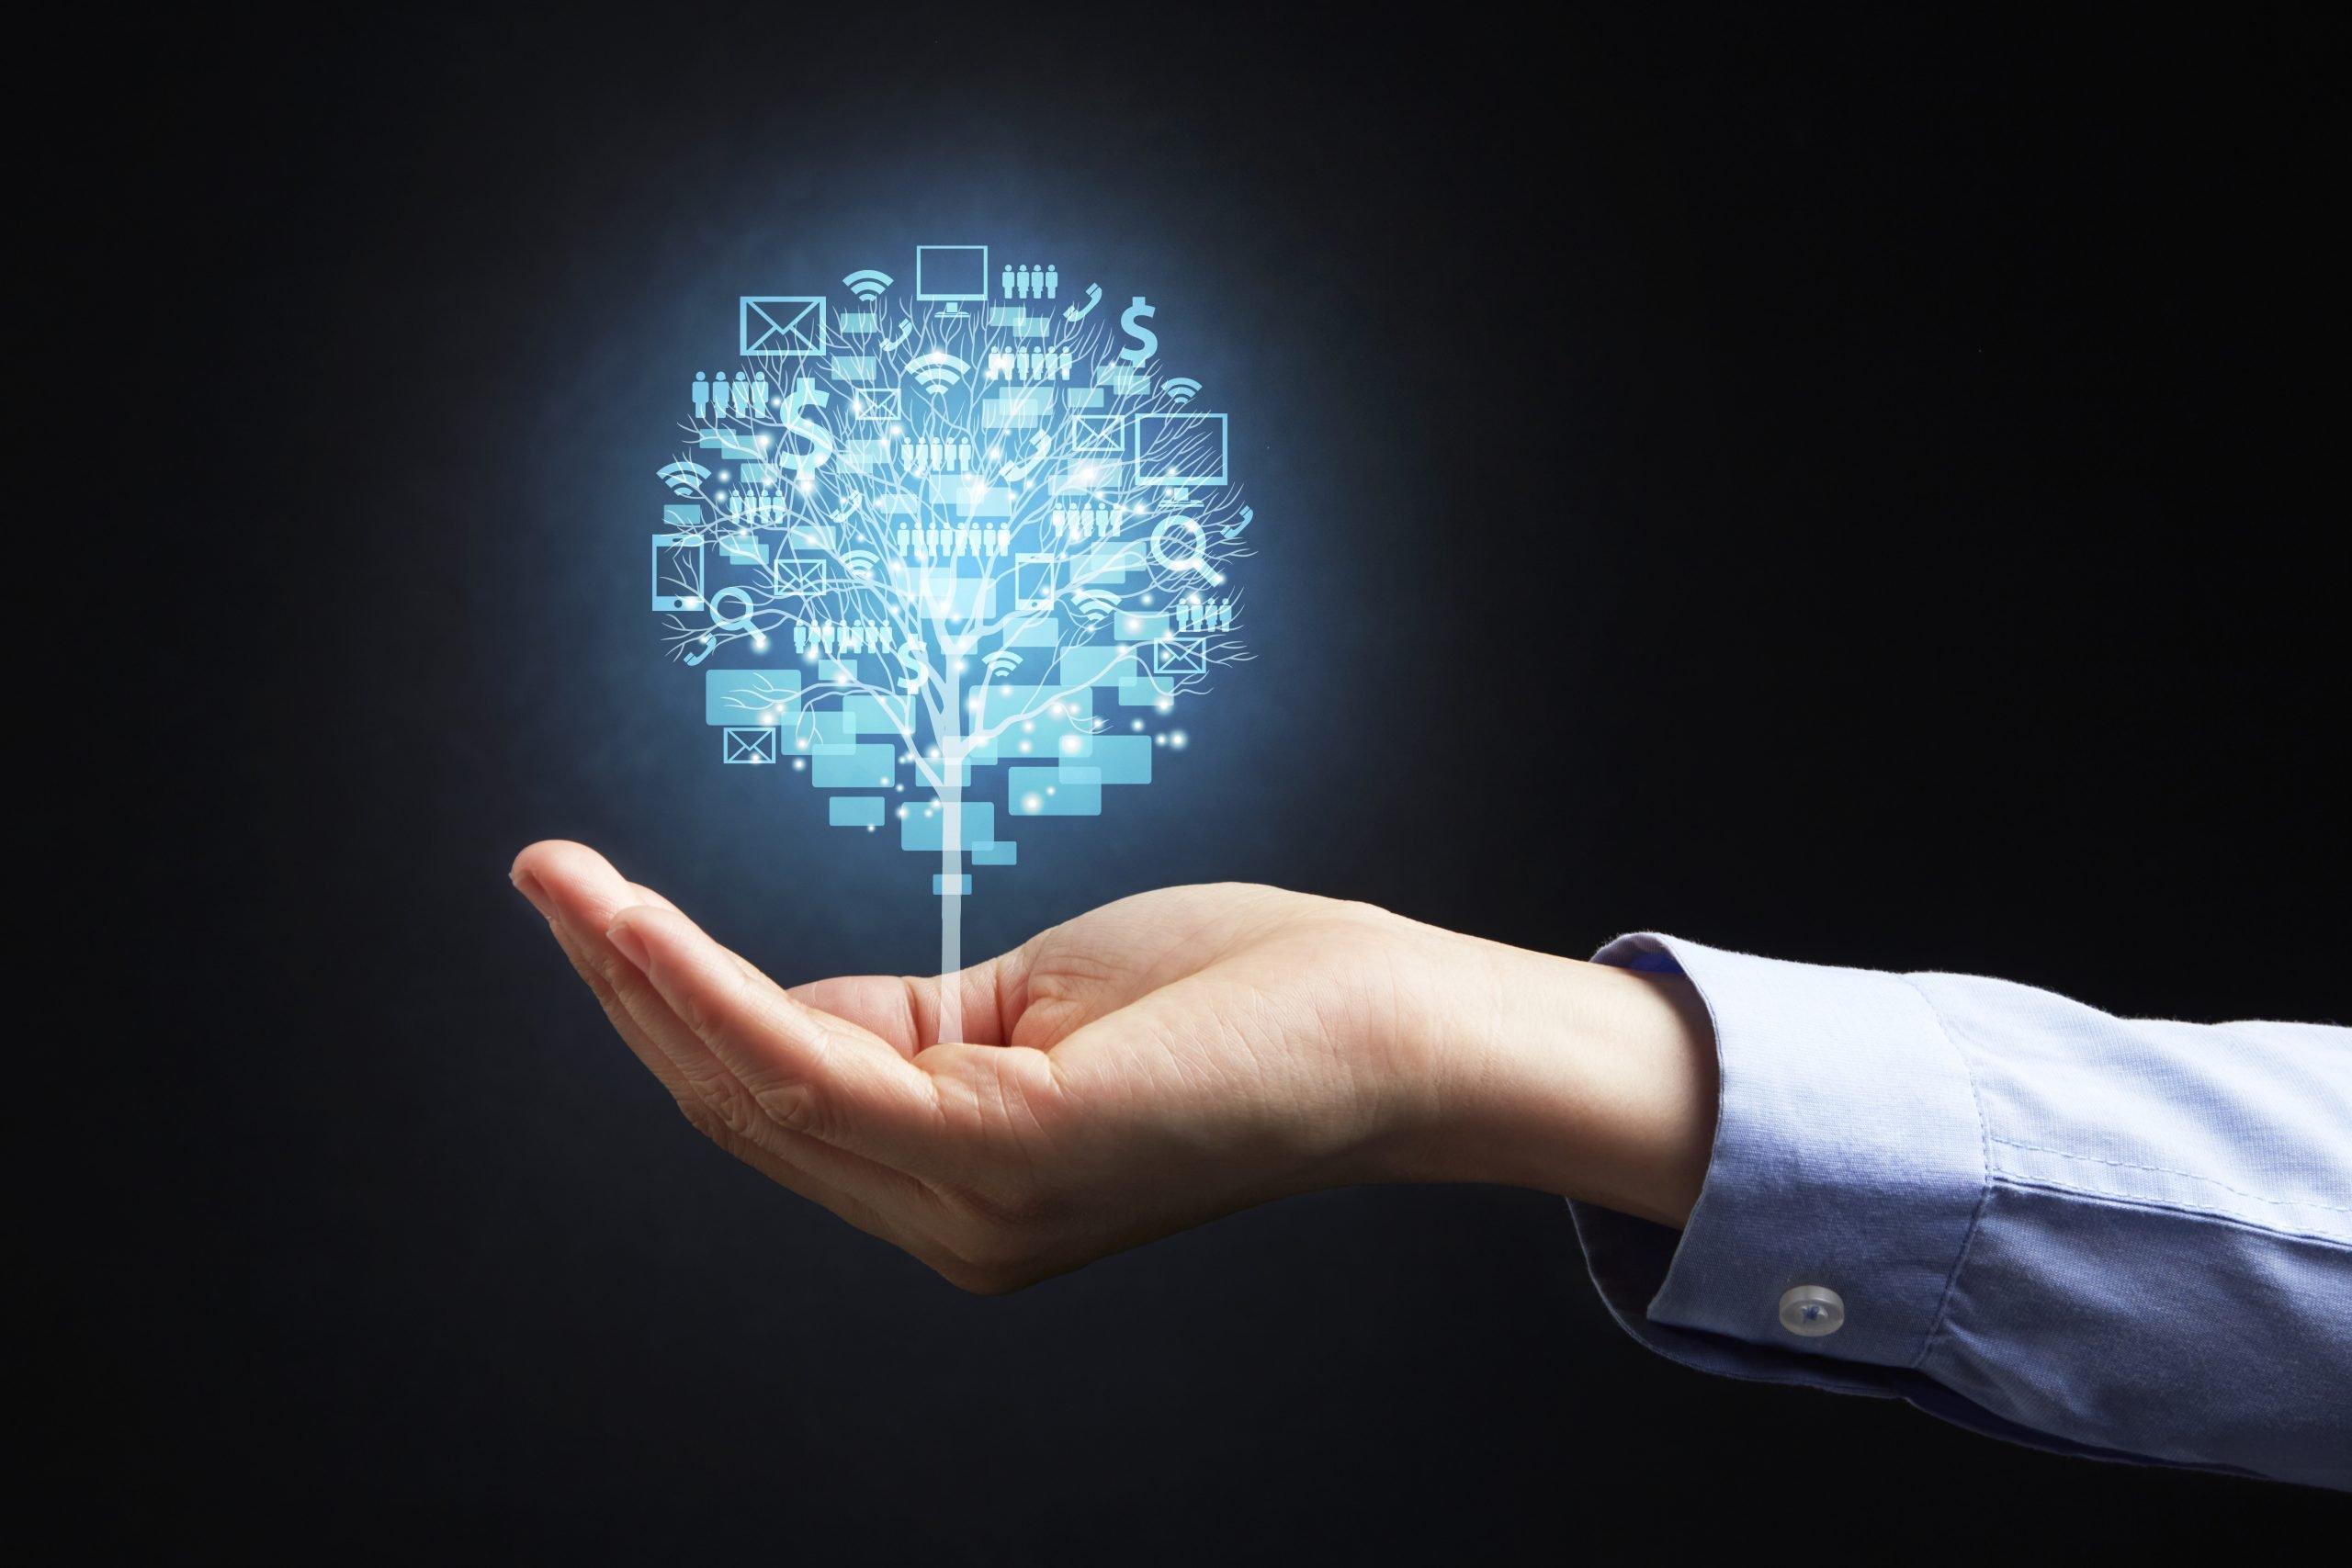 Hoe moeten duurzame beleggers omgaan met de negatieve impact van techbedrijven?